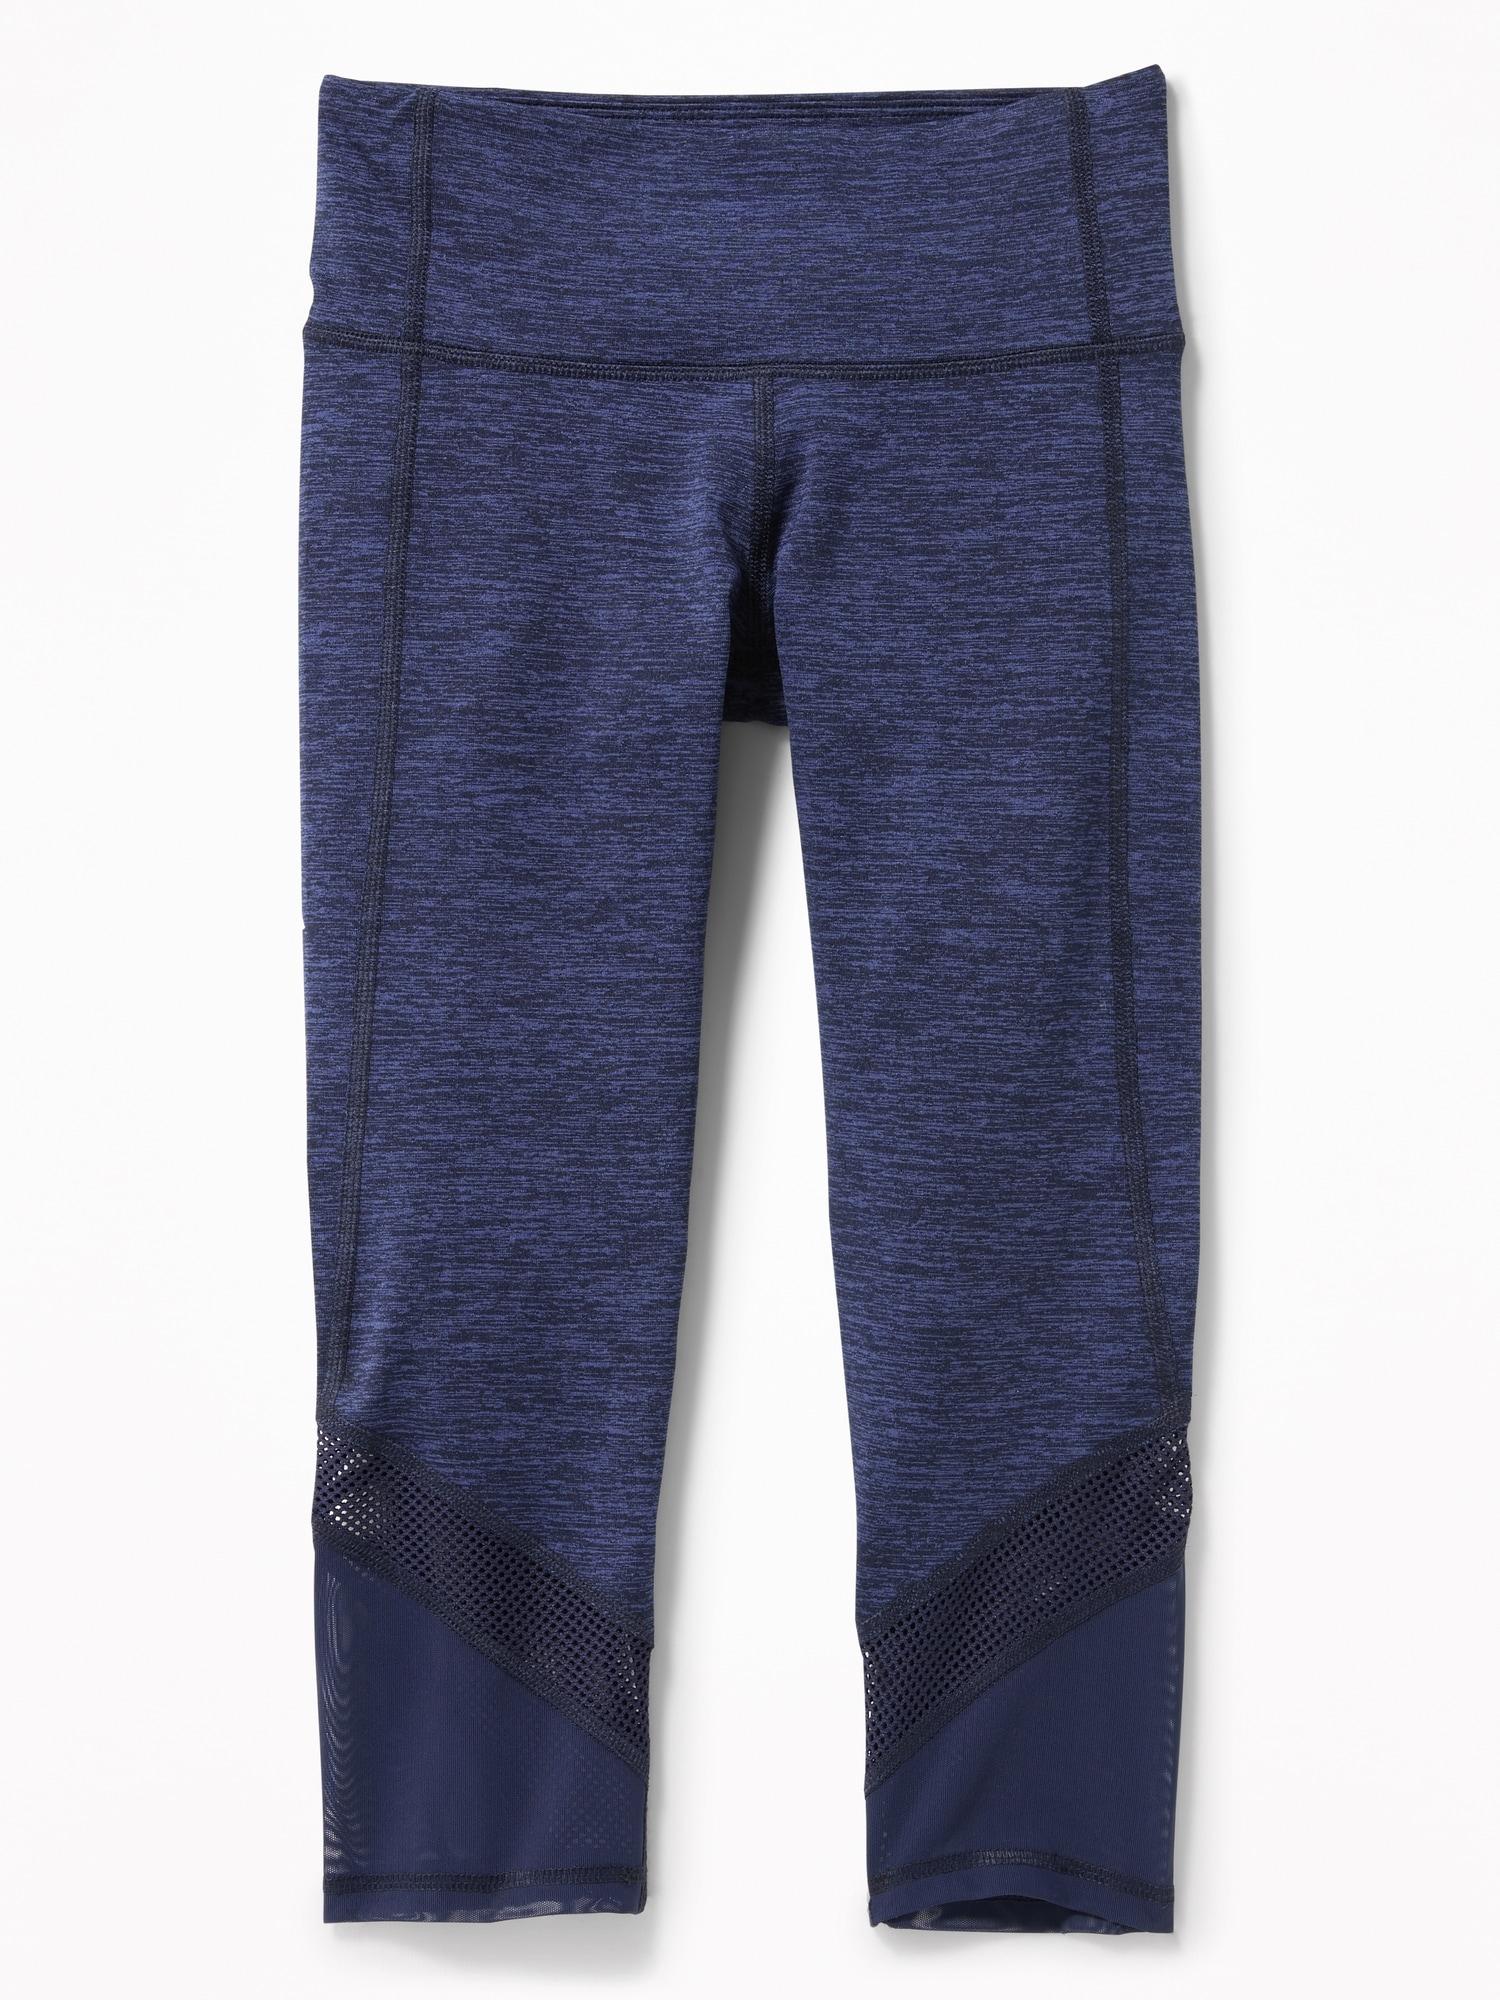 2b7ecbd348590 Mid-Rise Go-Dry Mesh-Trim Cropped Leggings for Girls | Old Navy